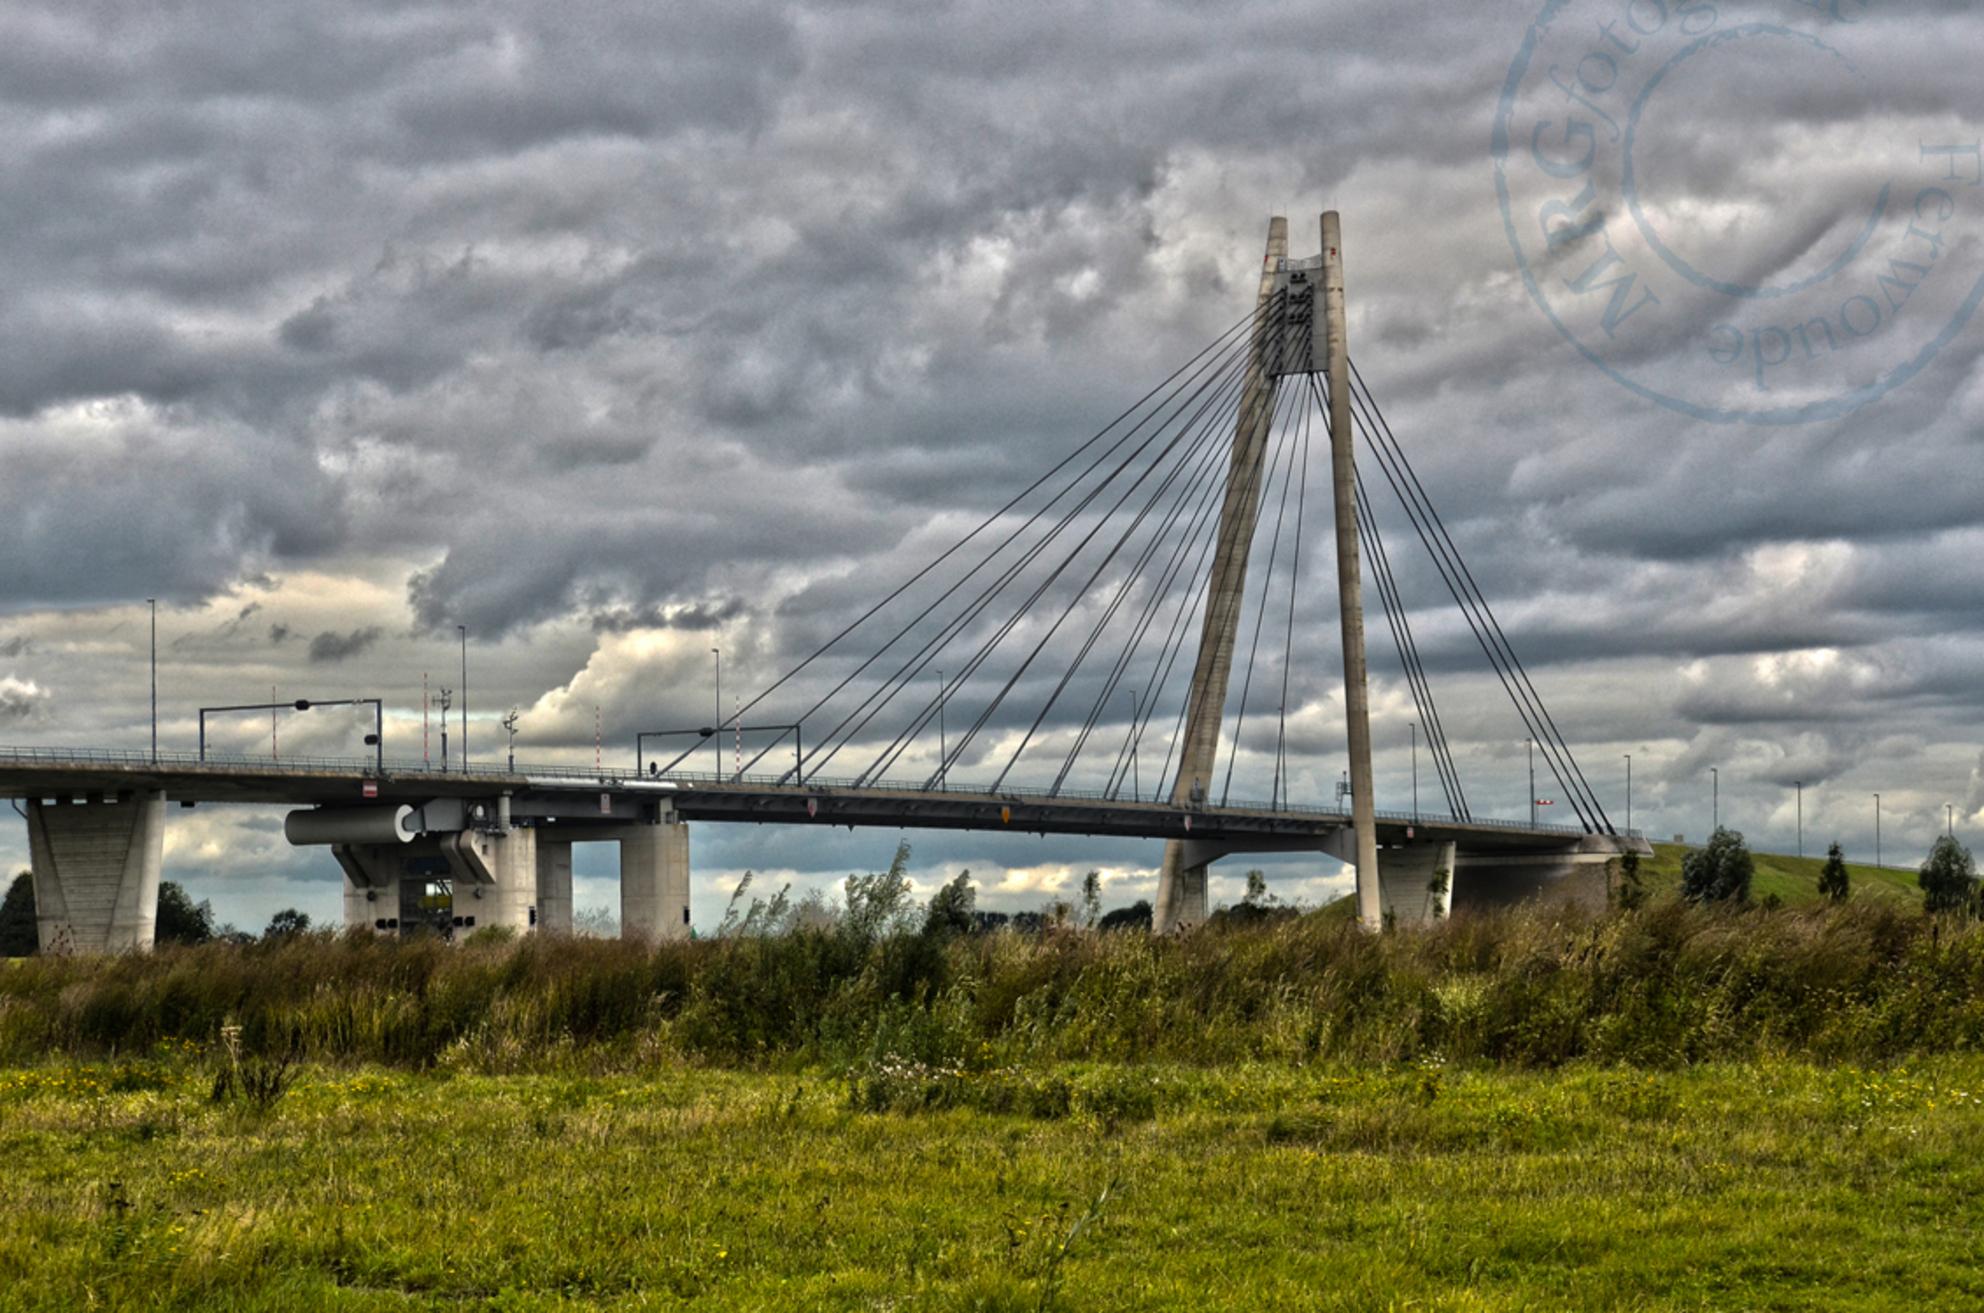 Eilandlbrug Kampen .jpg - Eilandbrug over de IJssel bij Kampen in HDR - foto door mrgerrits op 01-10-2013 - deze foto bevat: ijssel, brug, kampen, eiland, hdr, eilandbrug, betonprijs, civilion